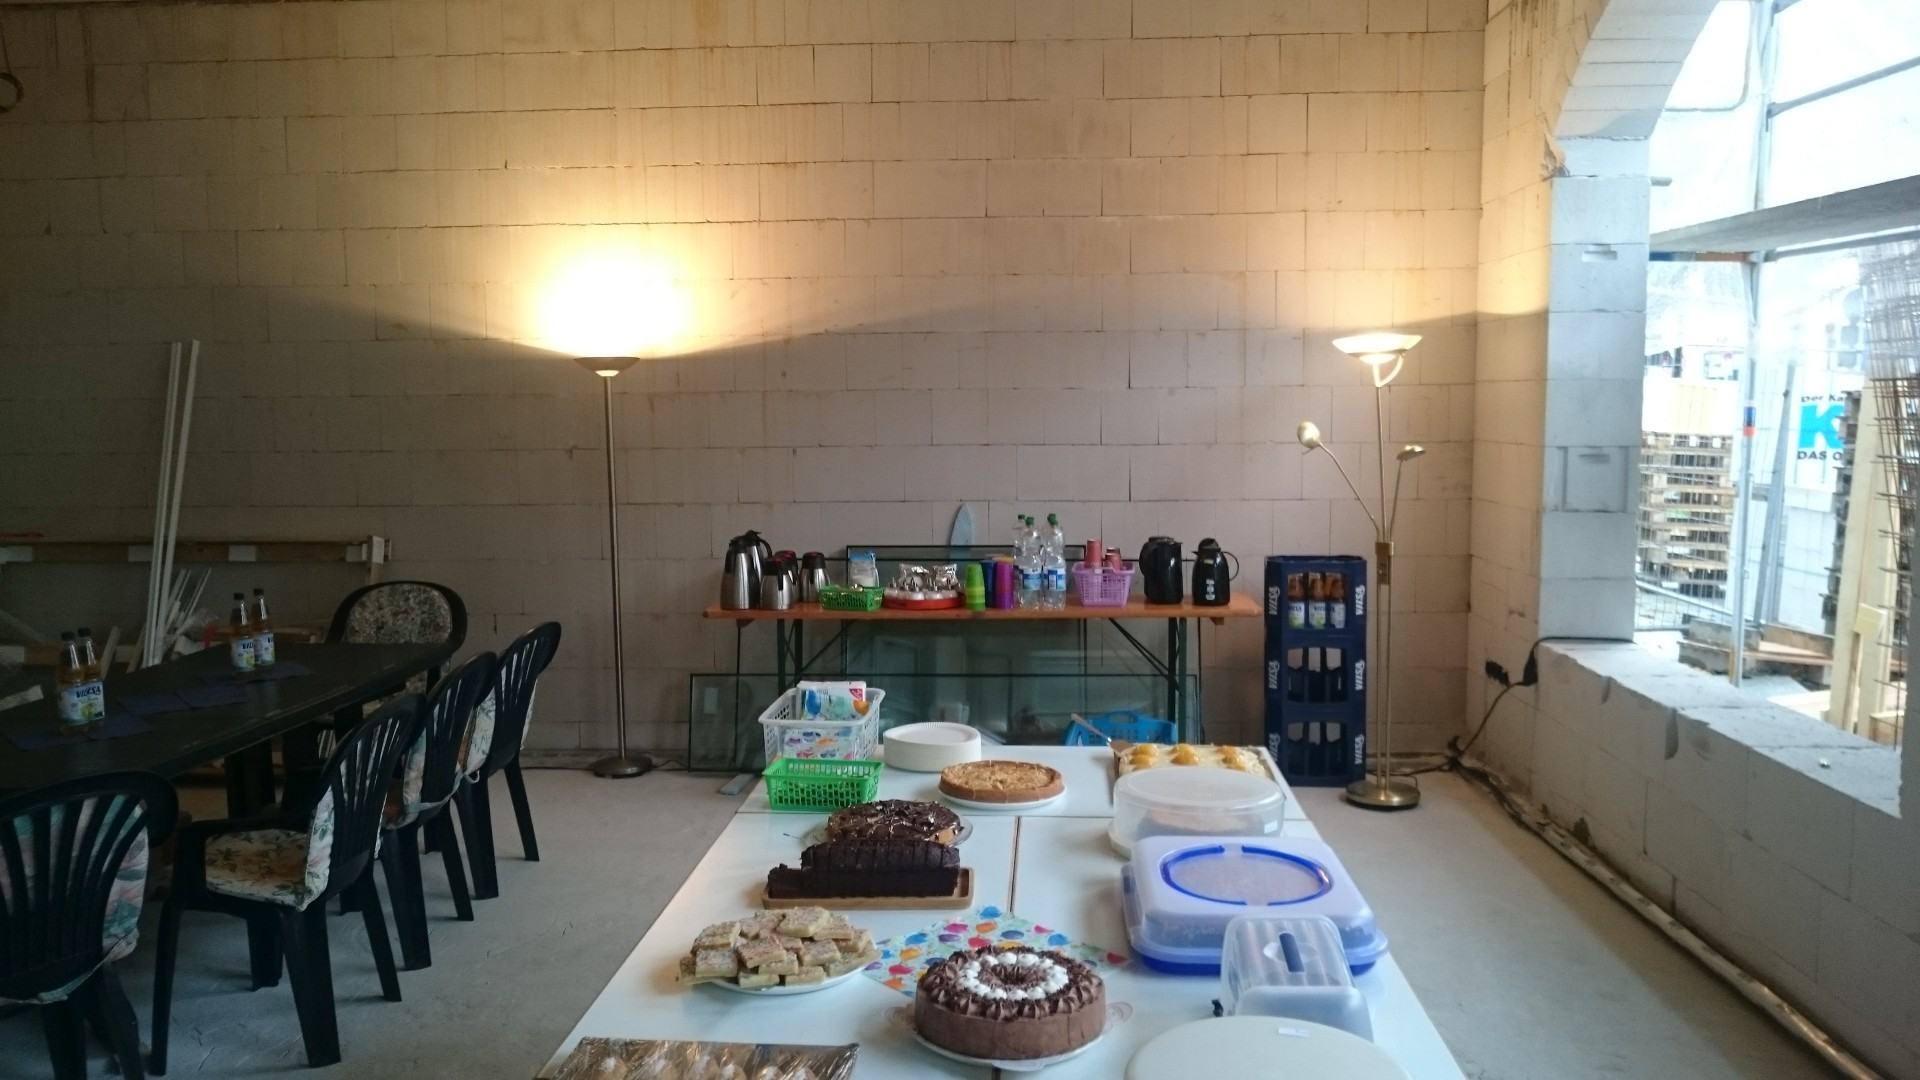 Ein Teil des großes Kuchenbuffets. Wir haben uns Mühe gegeben, die kalten Räume ein wenig wohnlicher zu gestalten